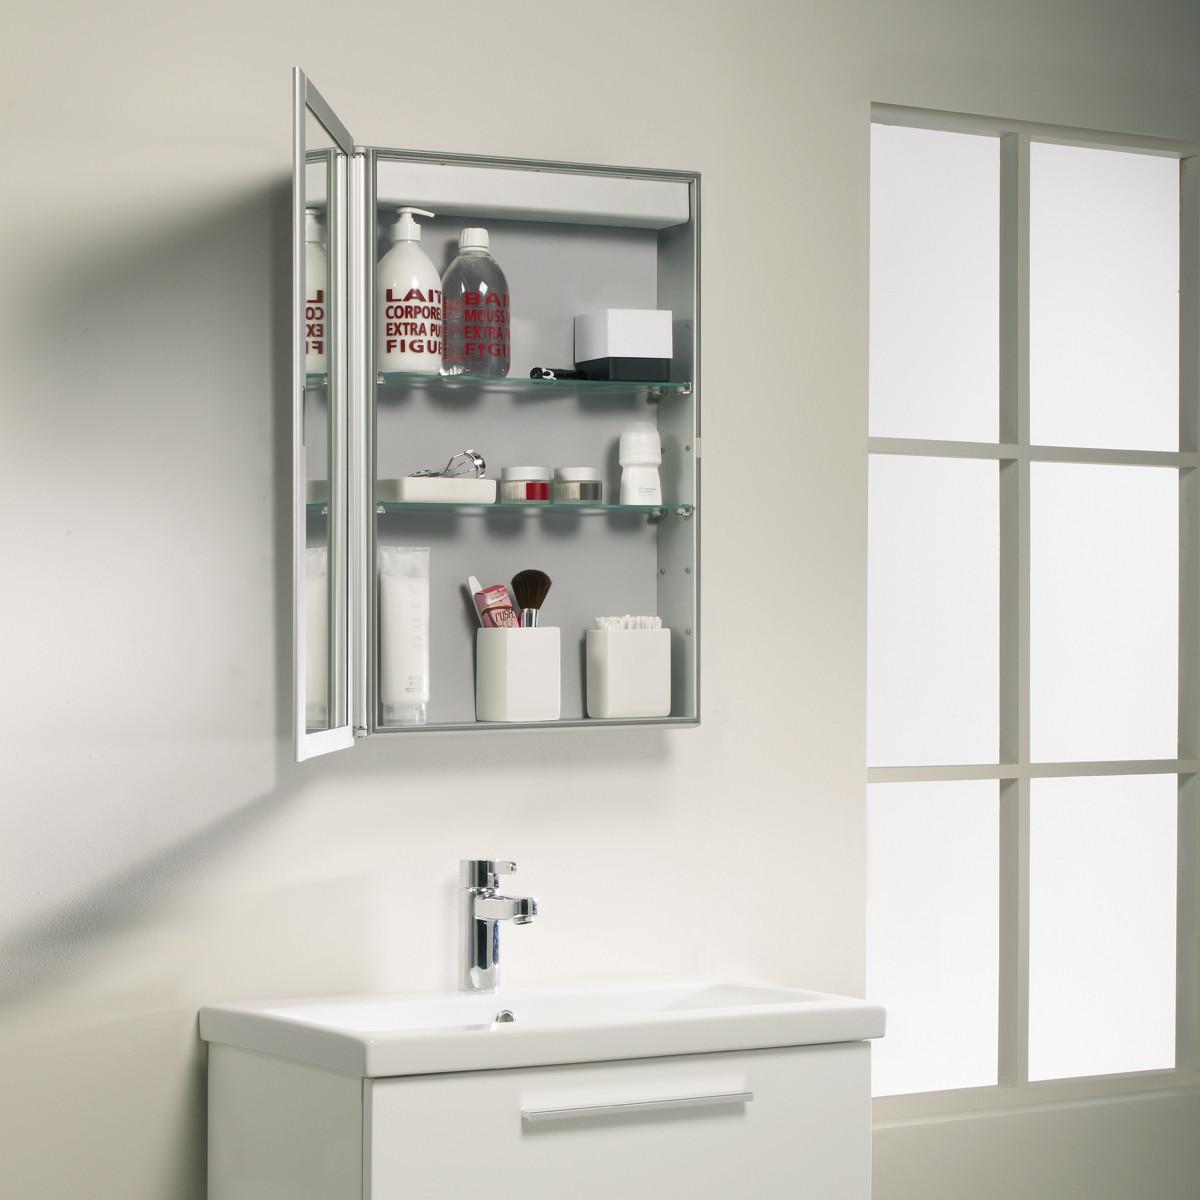 roper rhodes equinox bathroom cabinet -